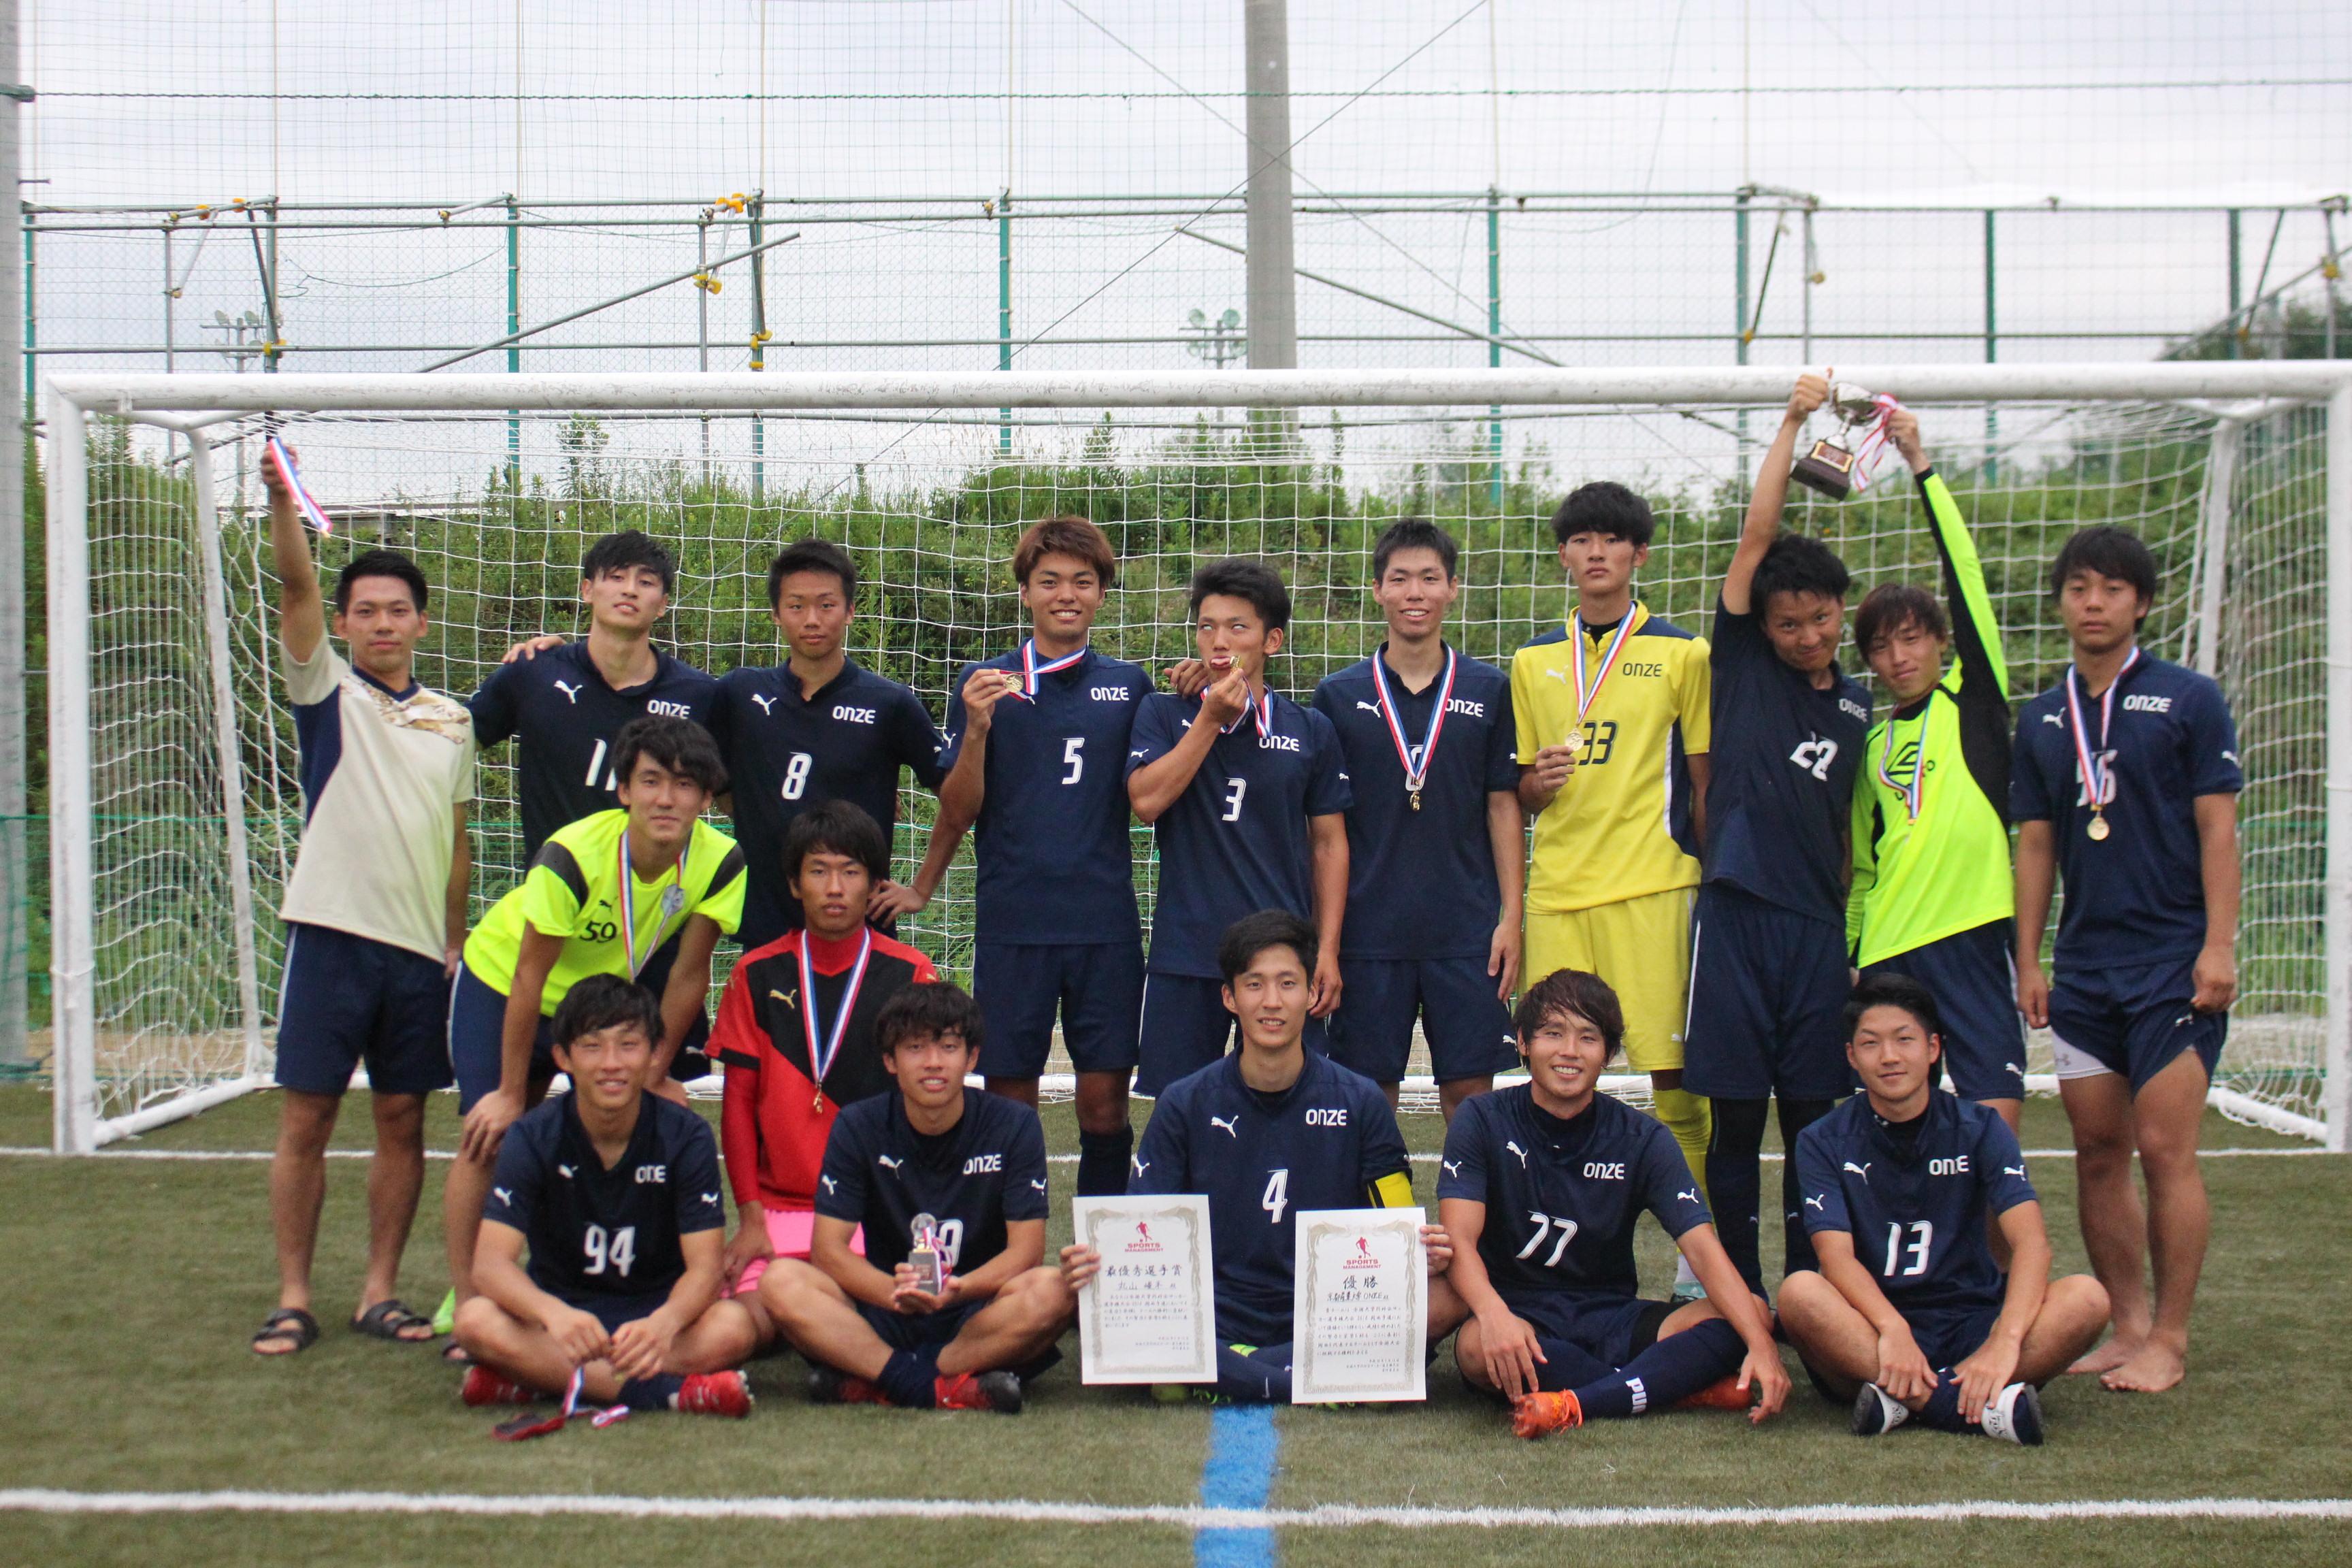 全国大学同好会サッカー選手権大会2018 関西予選